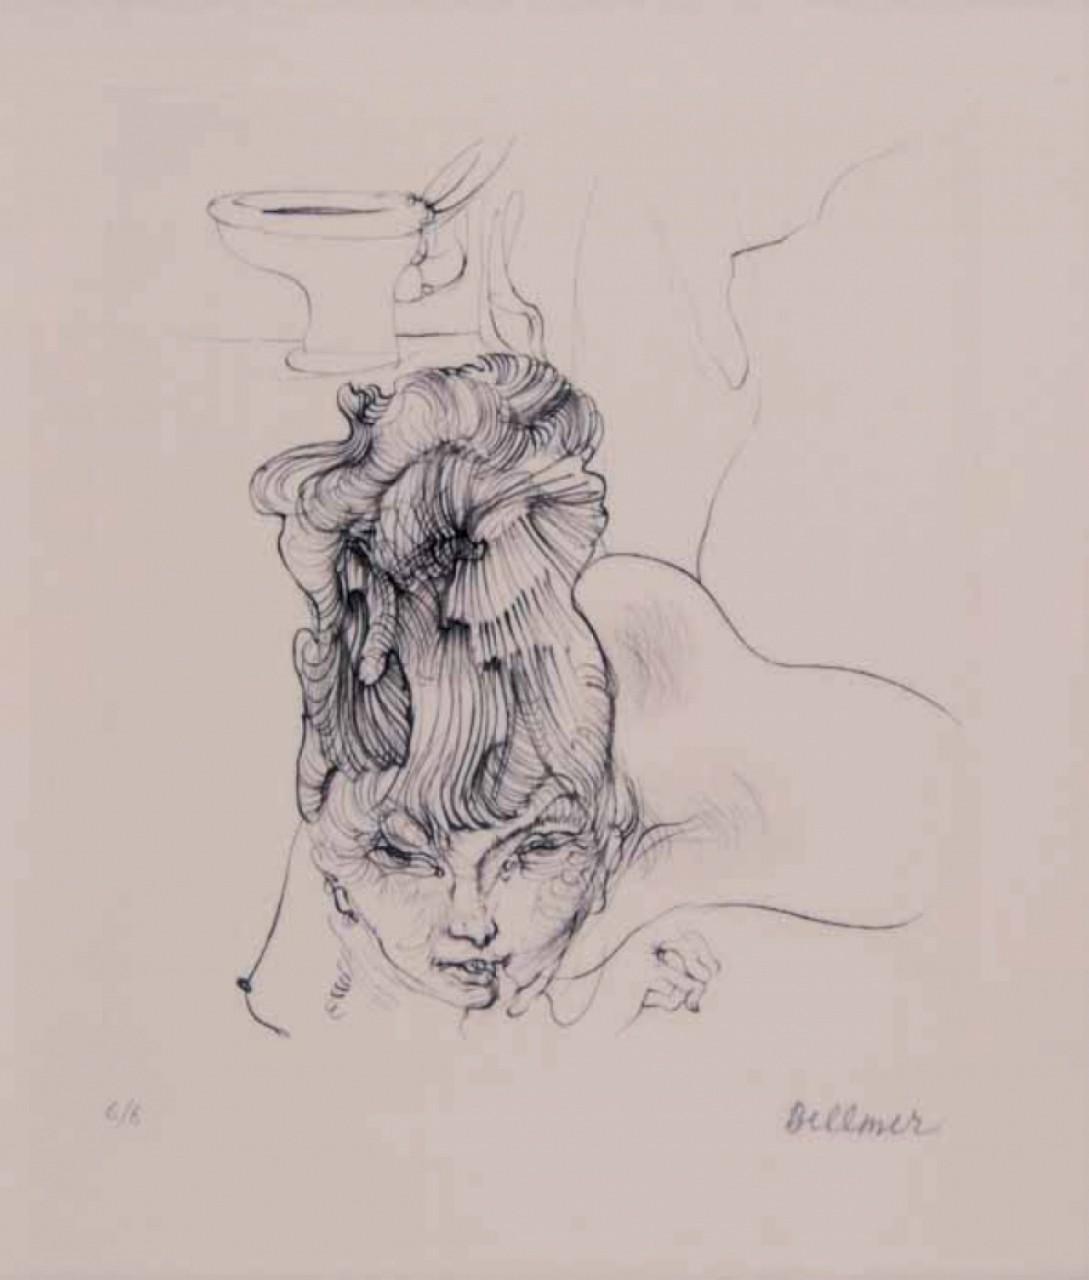 BELLMER Hans femme à la cigarette dans salle de bain